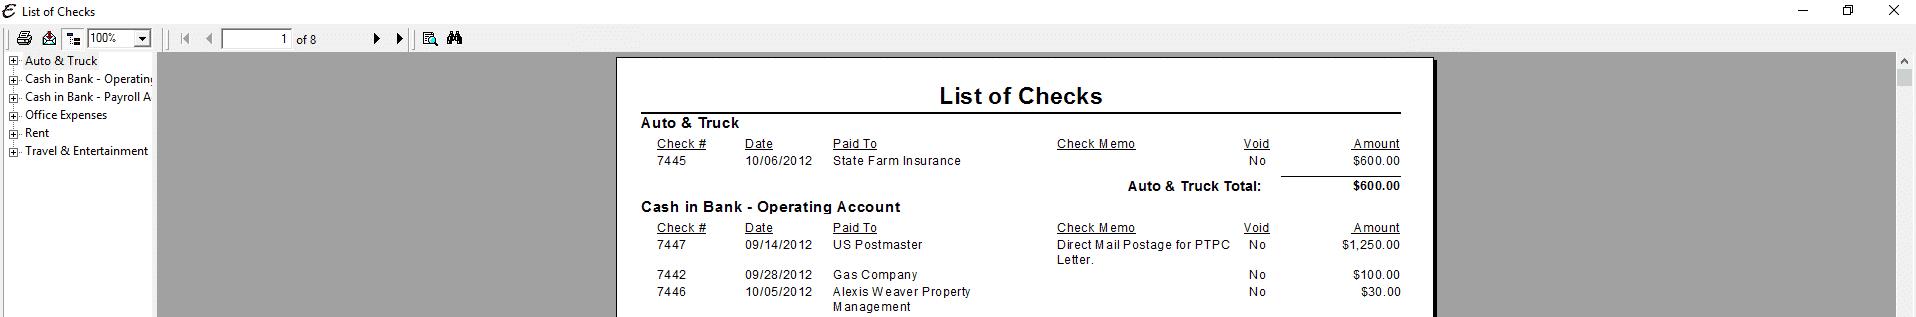 List of Checks PDF